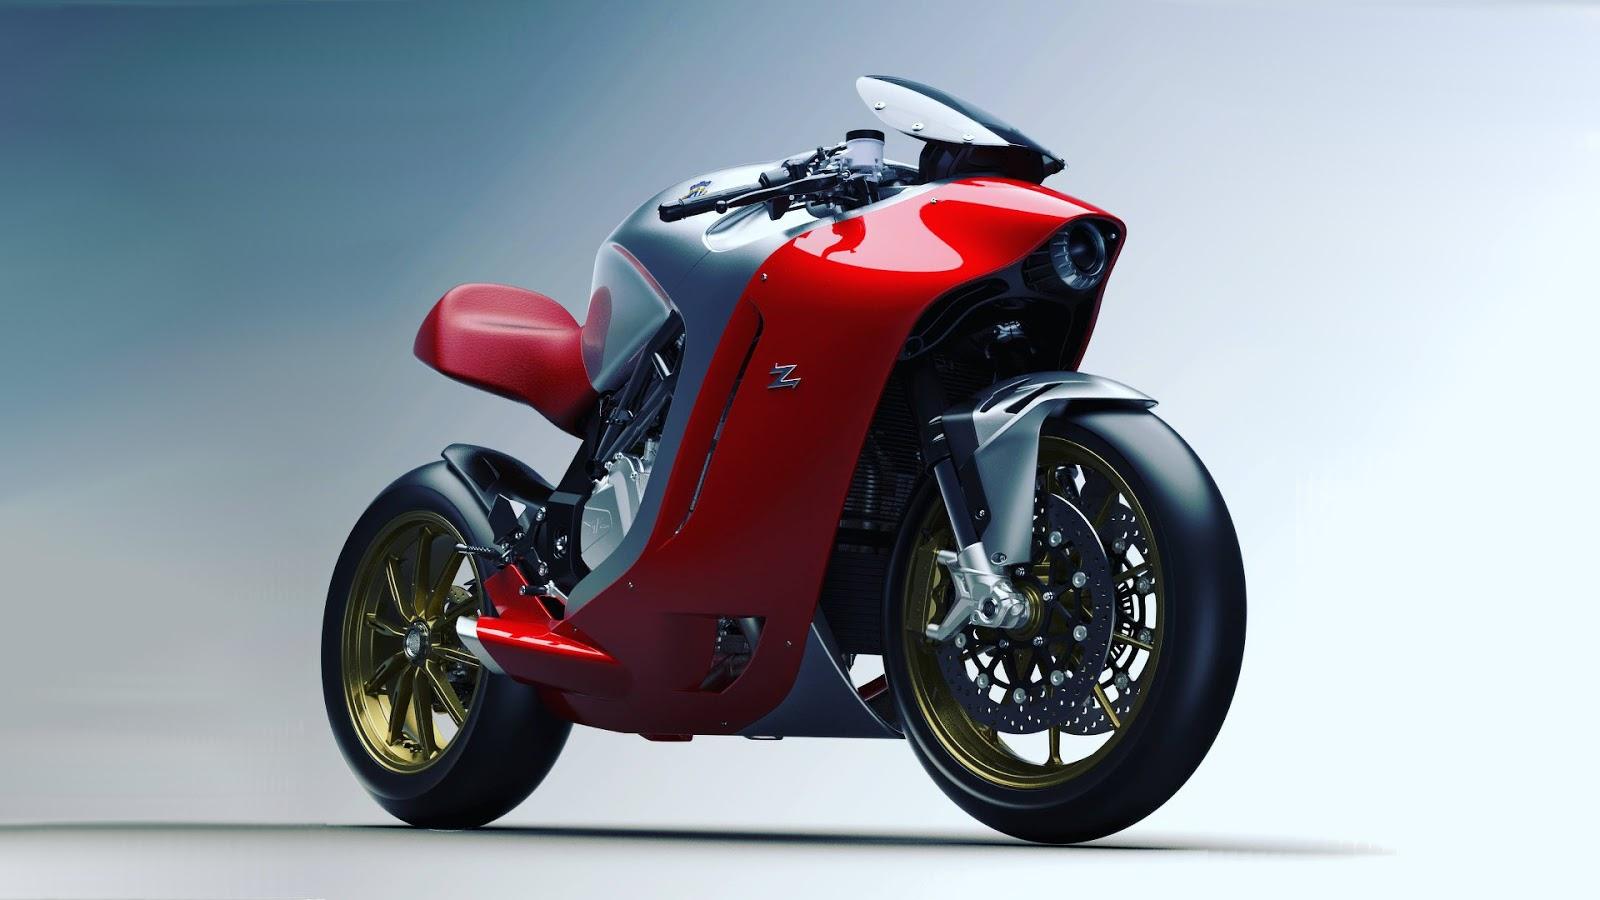 Топ-10 самых отталкивающих мотоциклов современности авто и мото,тюнинг